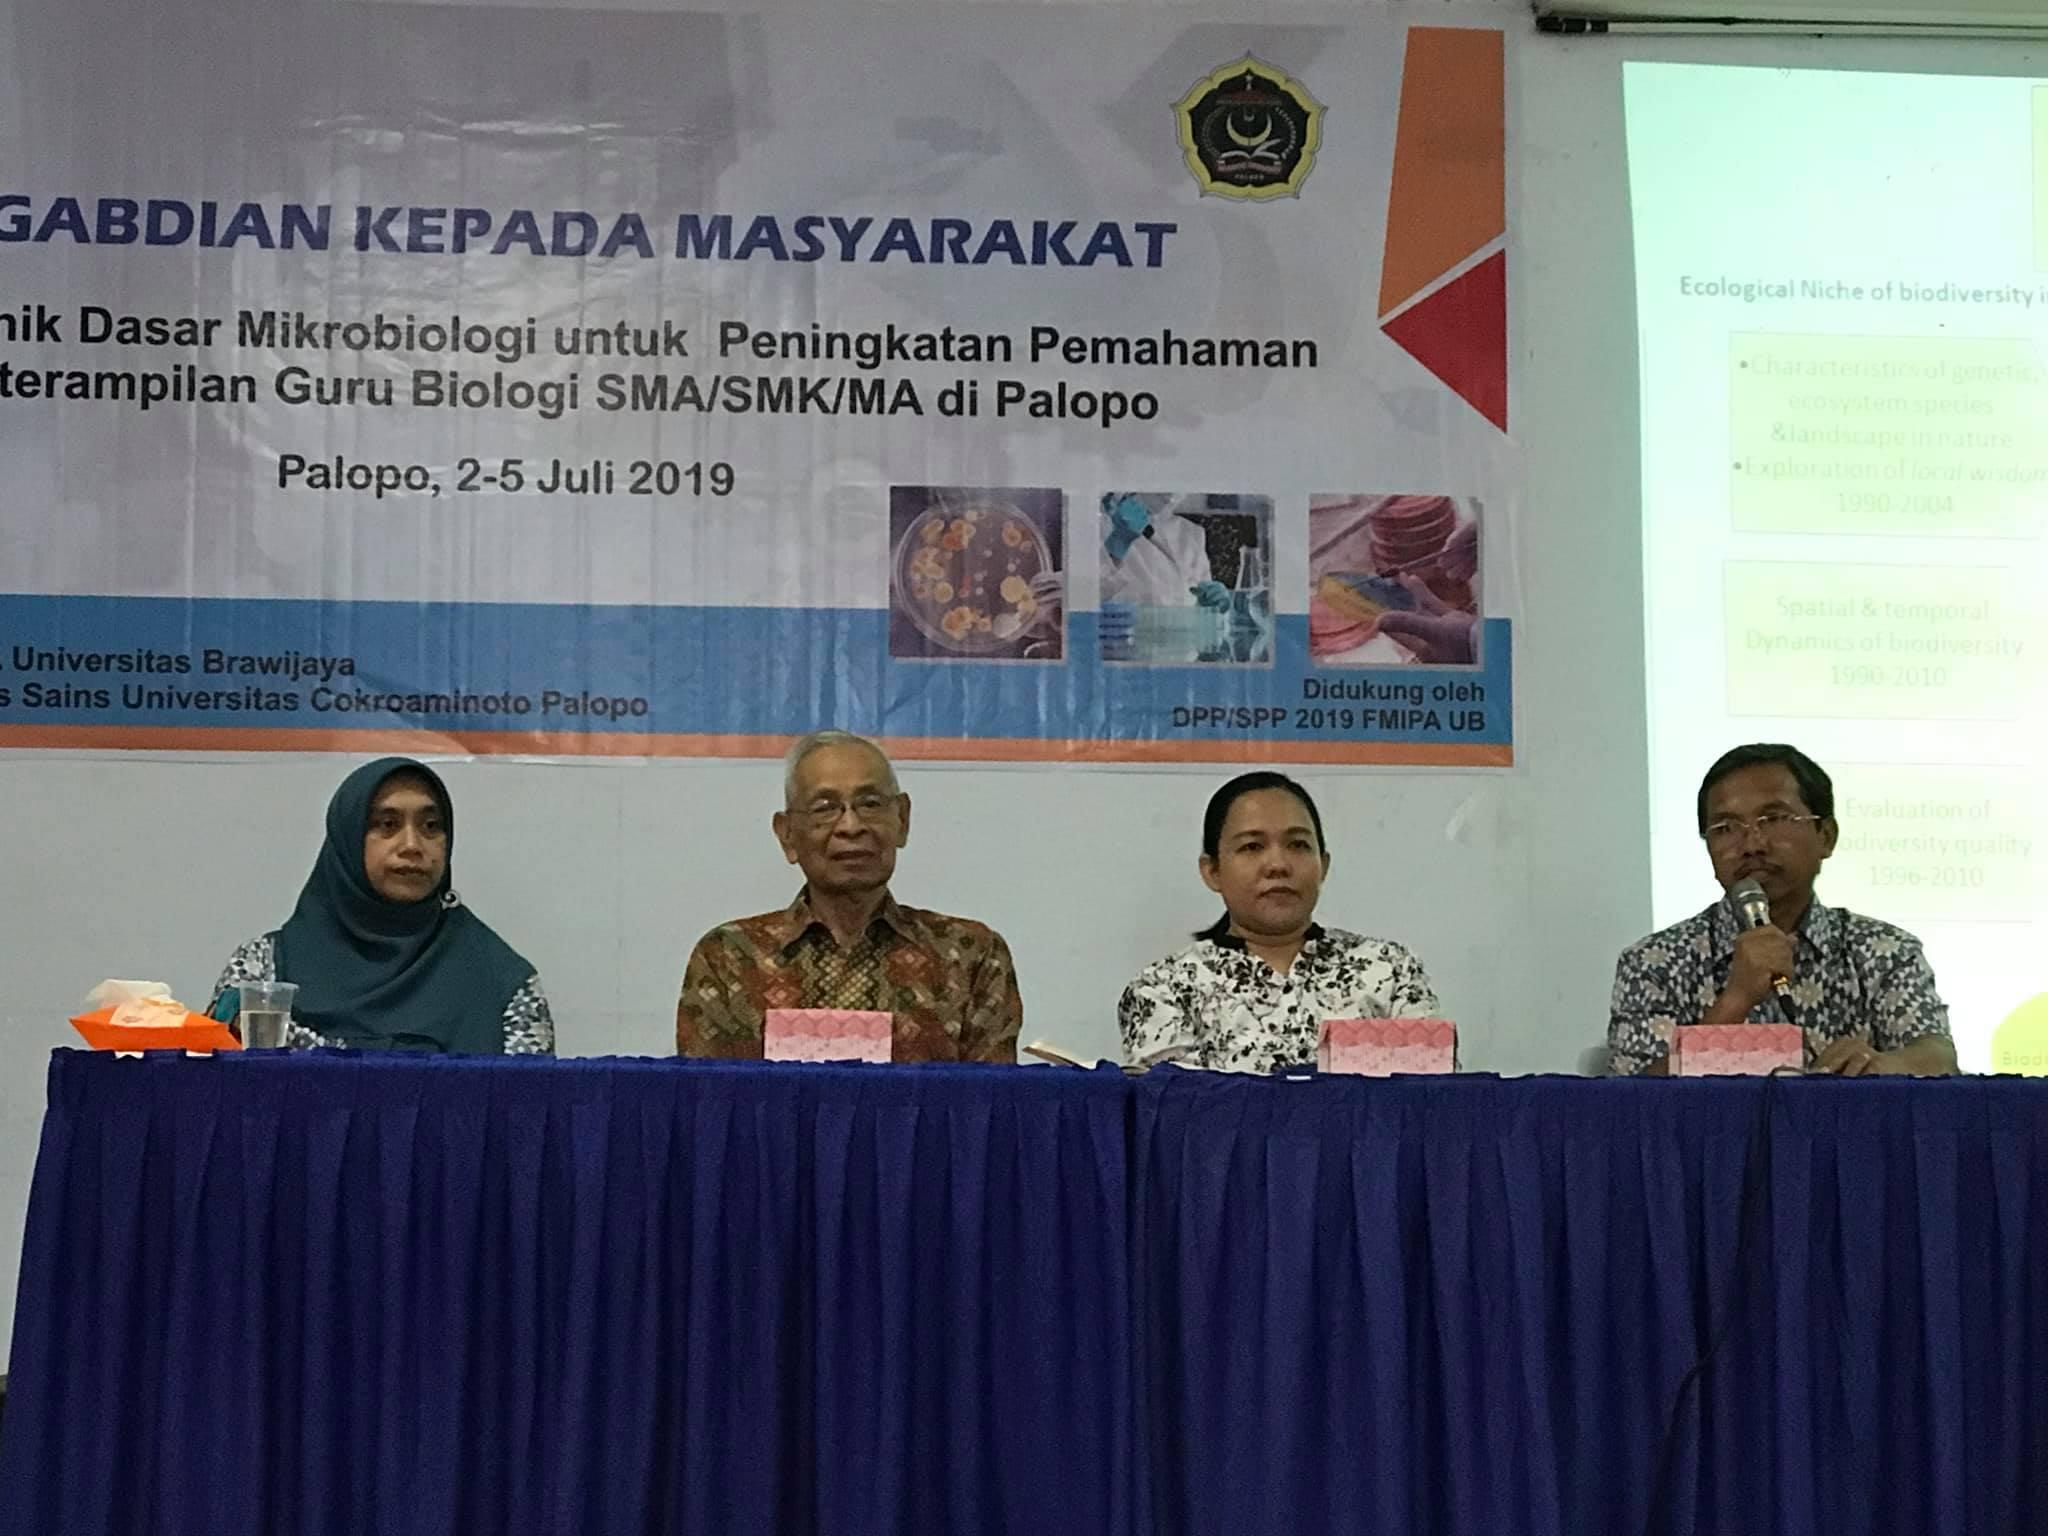 Fakultas Sains UNCP Bekerja Sama Dengan Fakultas MIPA  Universitas Brawijaya